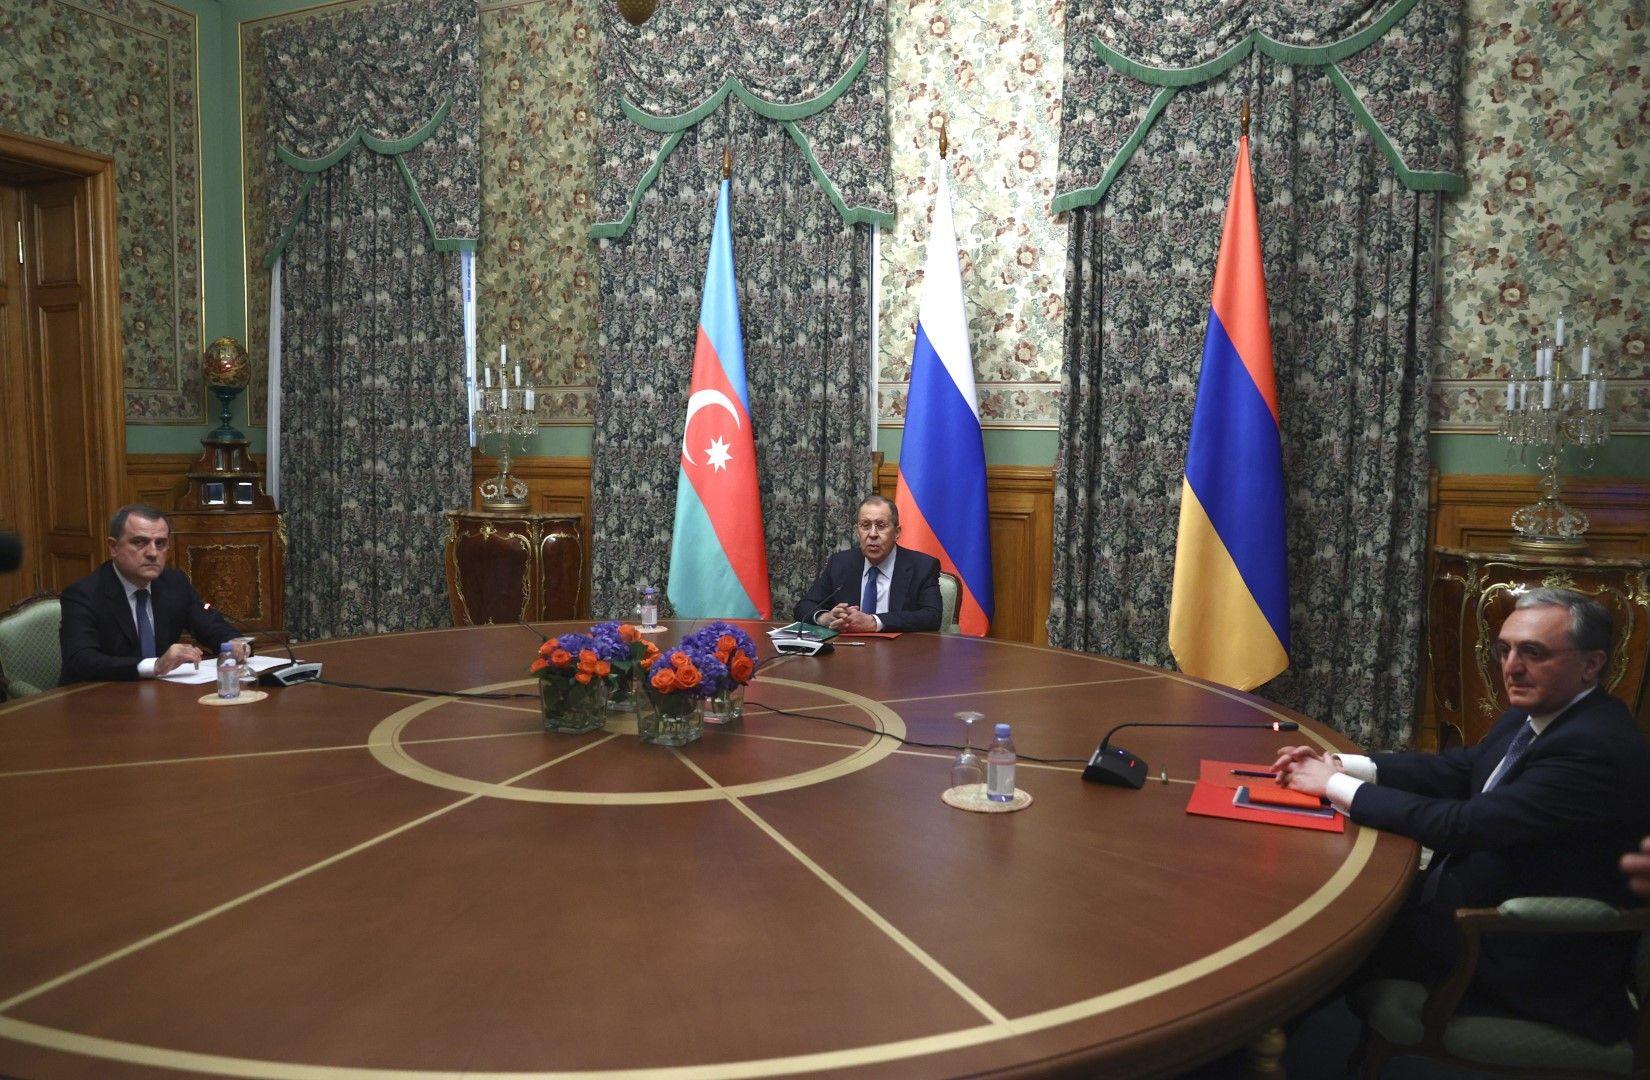 Сергей Лавров (в средата) и министрите на външните работи на Азербайджан Джейхун Байрамов (вляво) и на Армения Зограб Мнацаканян преговарят в Москва